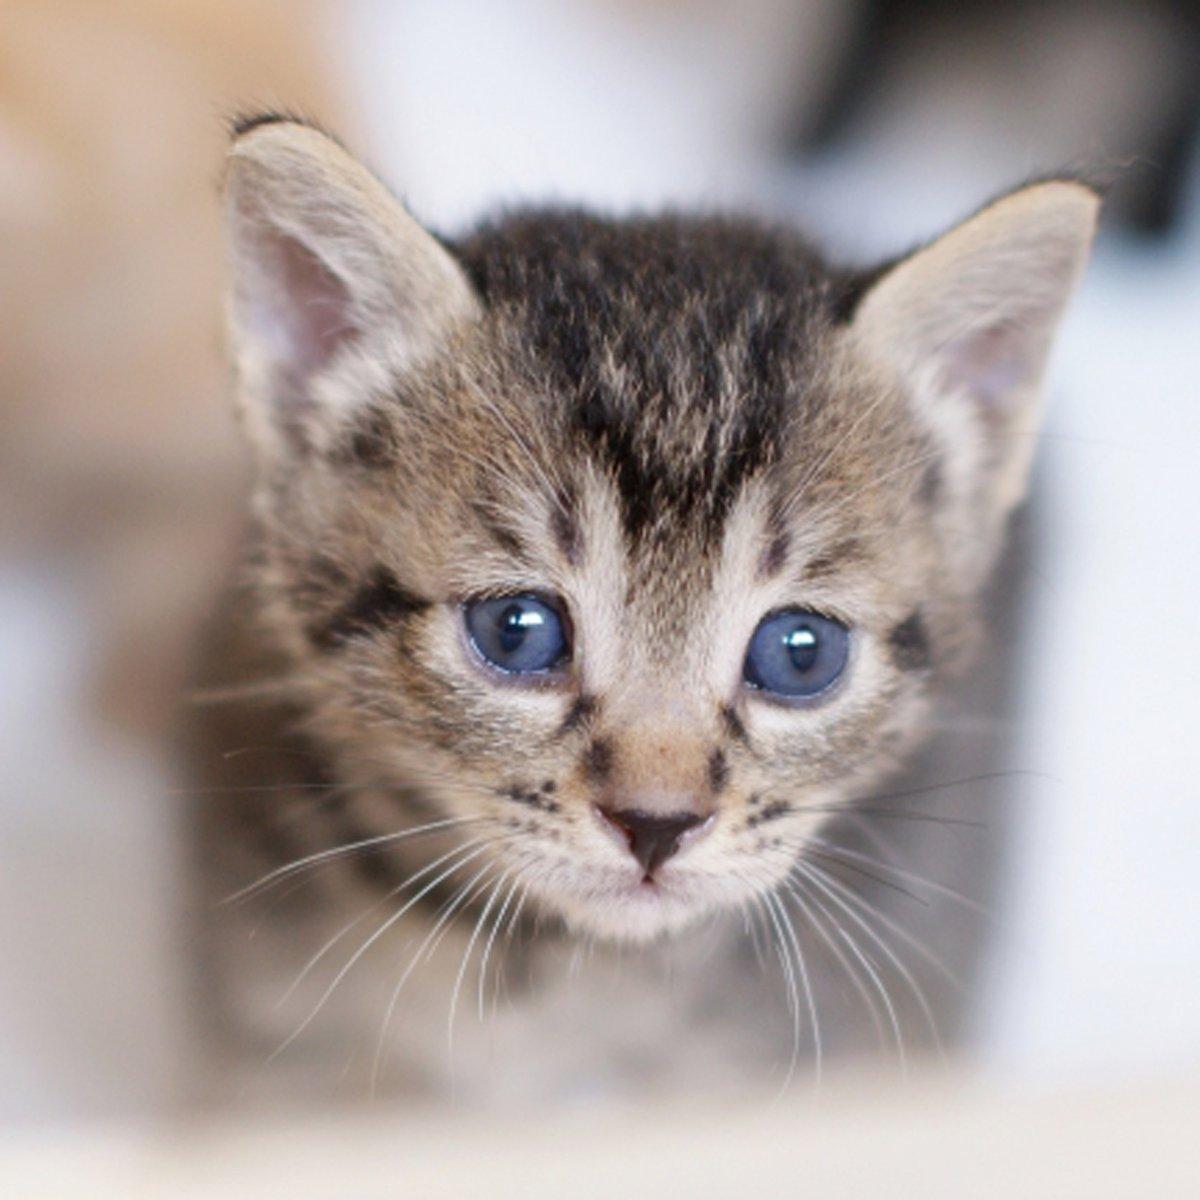 かわいいにゃんこ♪ #ハニーペット #HONEYPET #honeypet #猫 #ねこ #ねこ部 #にゃんすたぐらむ #にゃんこ #子猫 #ネコ #ねこのいる生活 #ねこのきもち #ねこのいる暮らし #kitty #catstagram #petstagram #instacat #meow #instagood #follow #followme https://t.co/HfYgeqcV0D